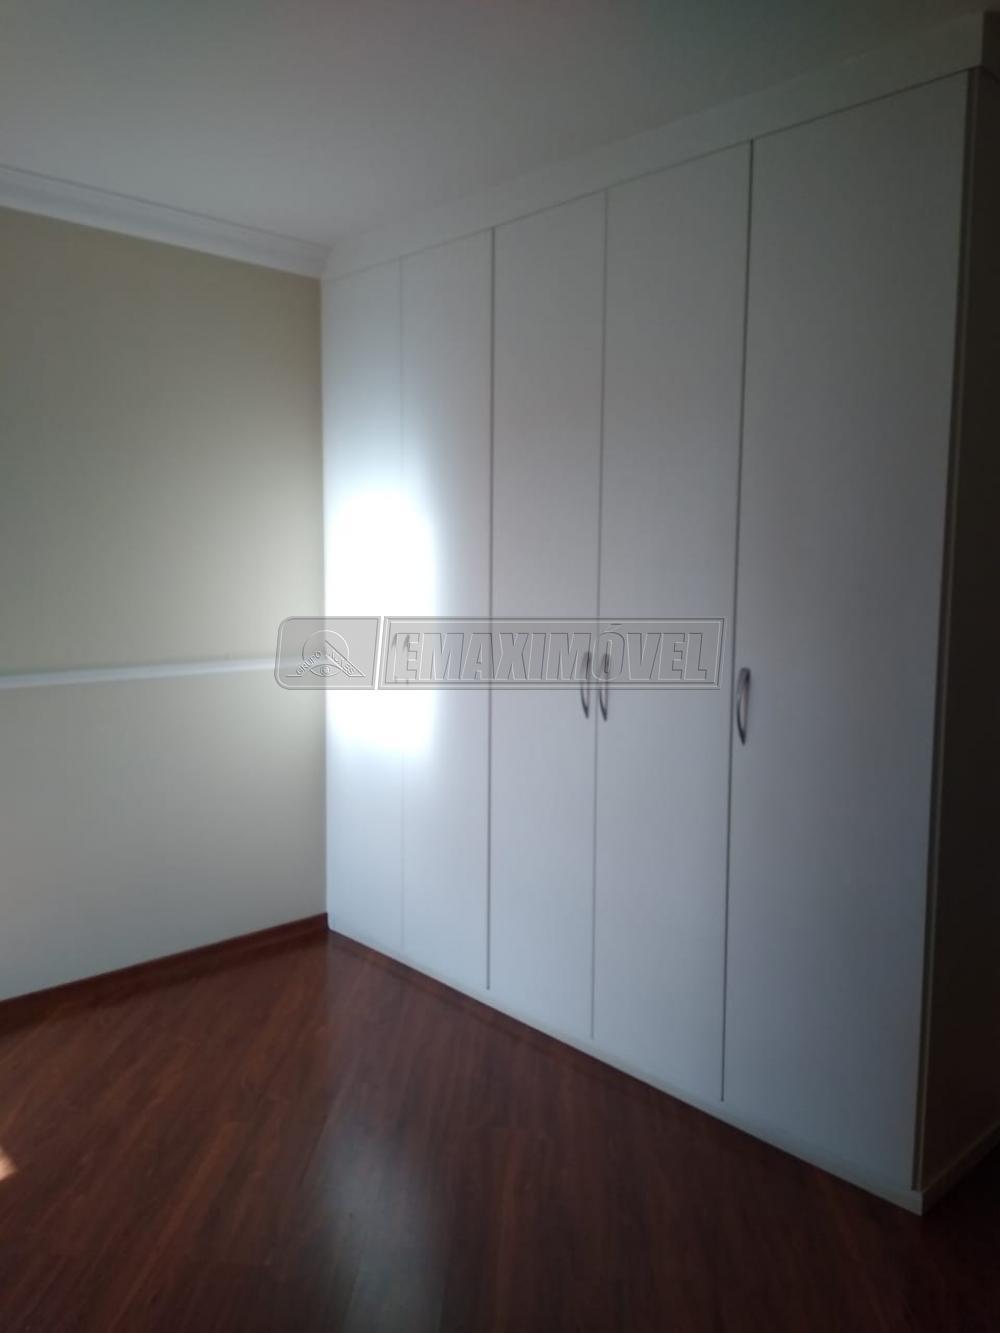 Alugar Apartamentos / Apto Padrão em Sorocaba apenas R$ 2.300,00 - Foto 7